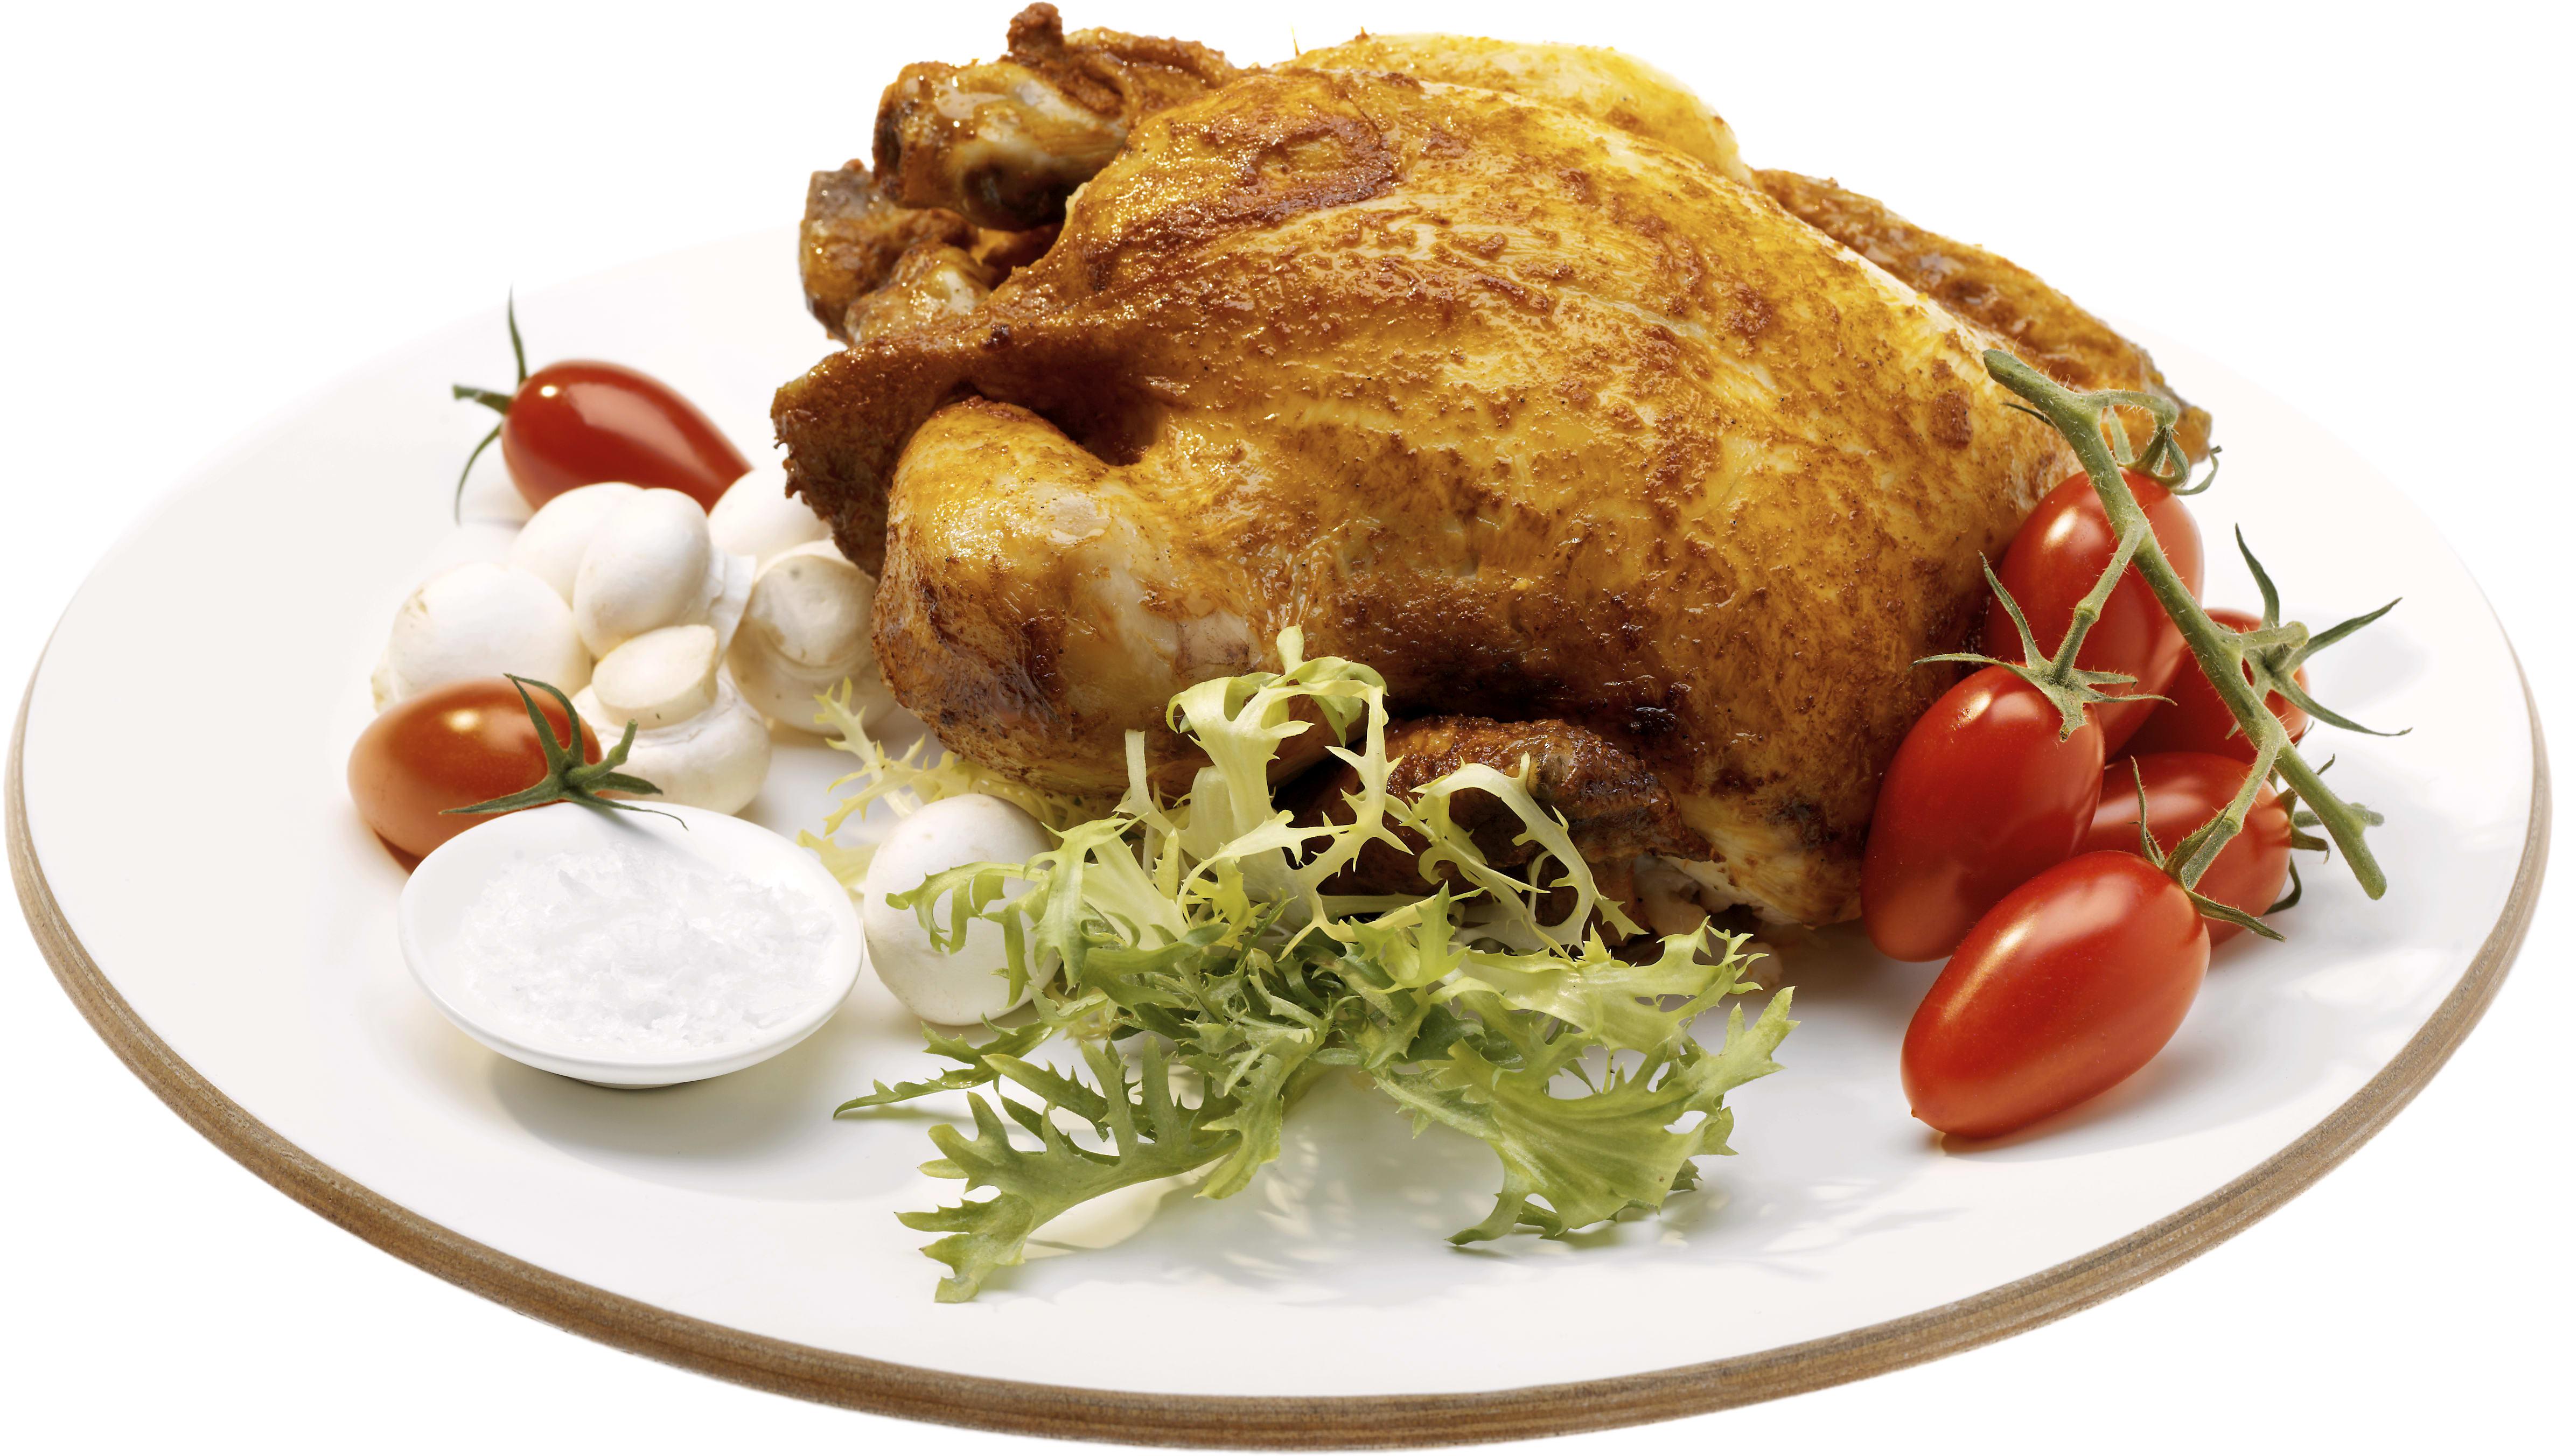 vad väger en grillad kyckling